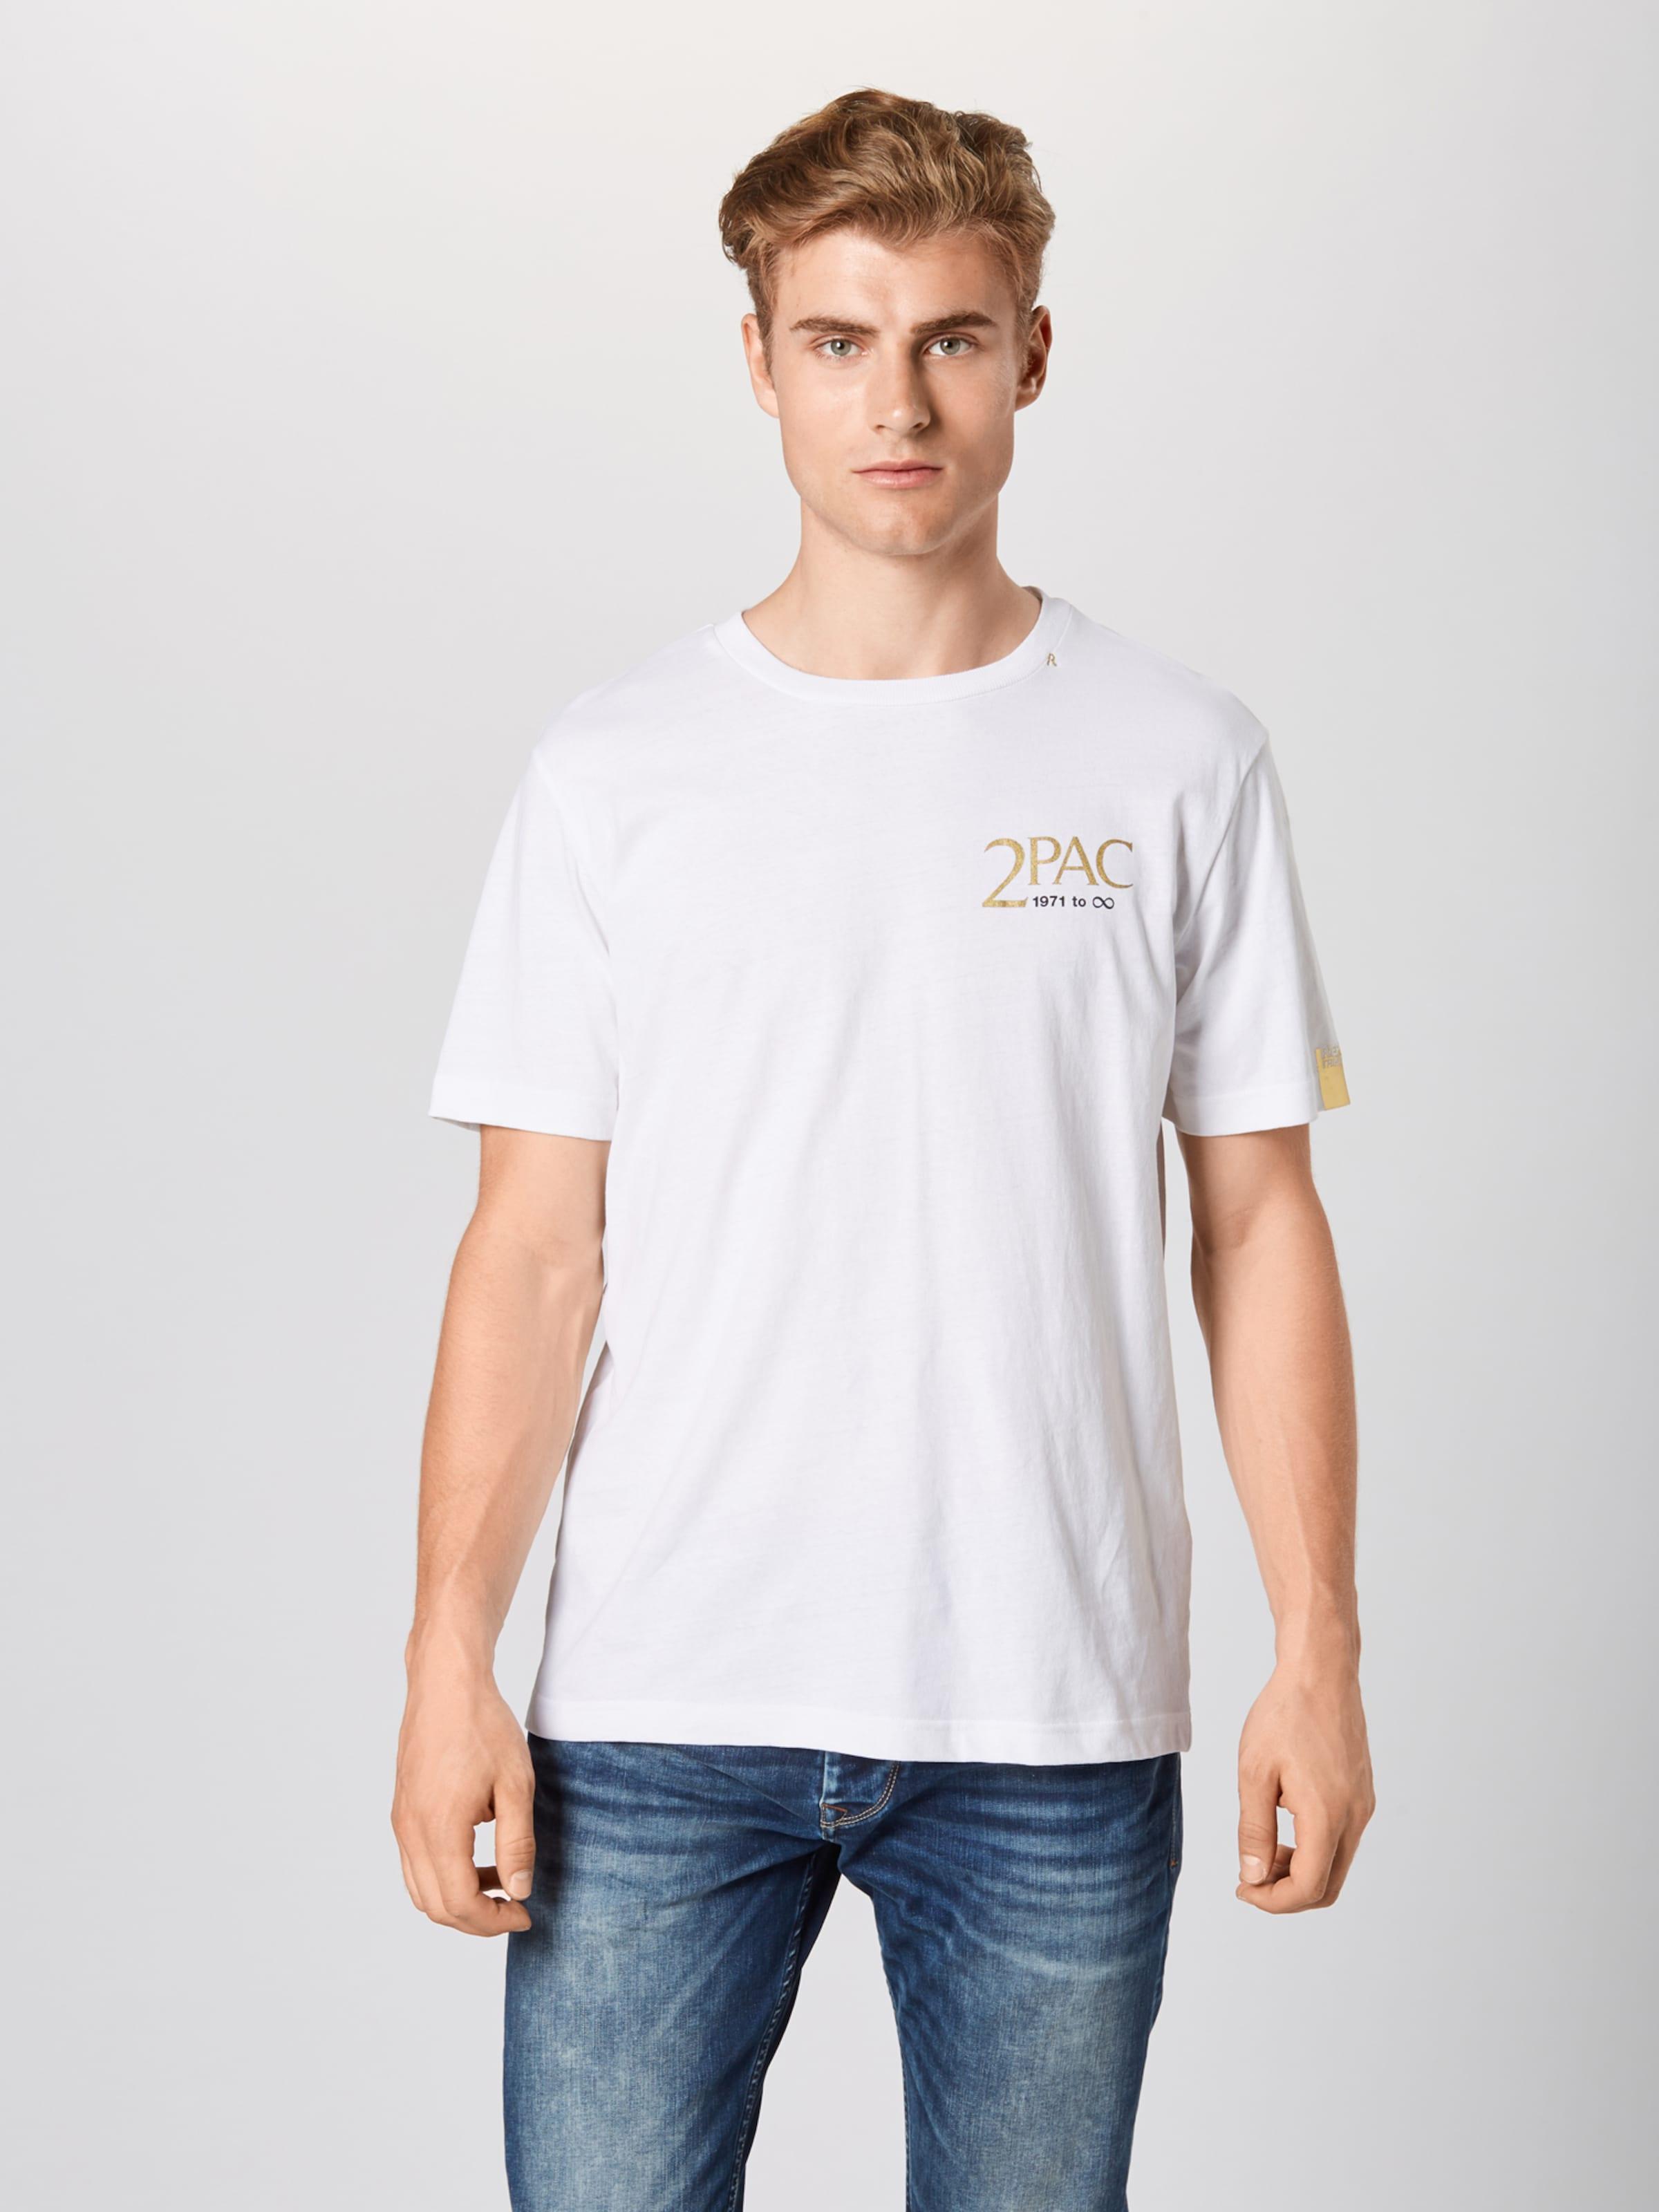 Weiß Replay Replay Shirt Shirt In 0wO8nXPk